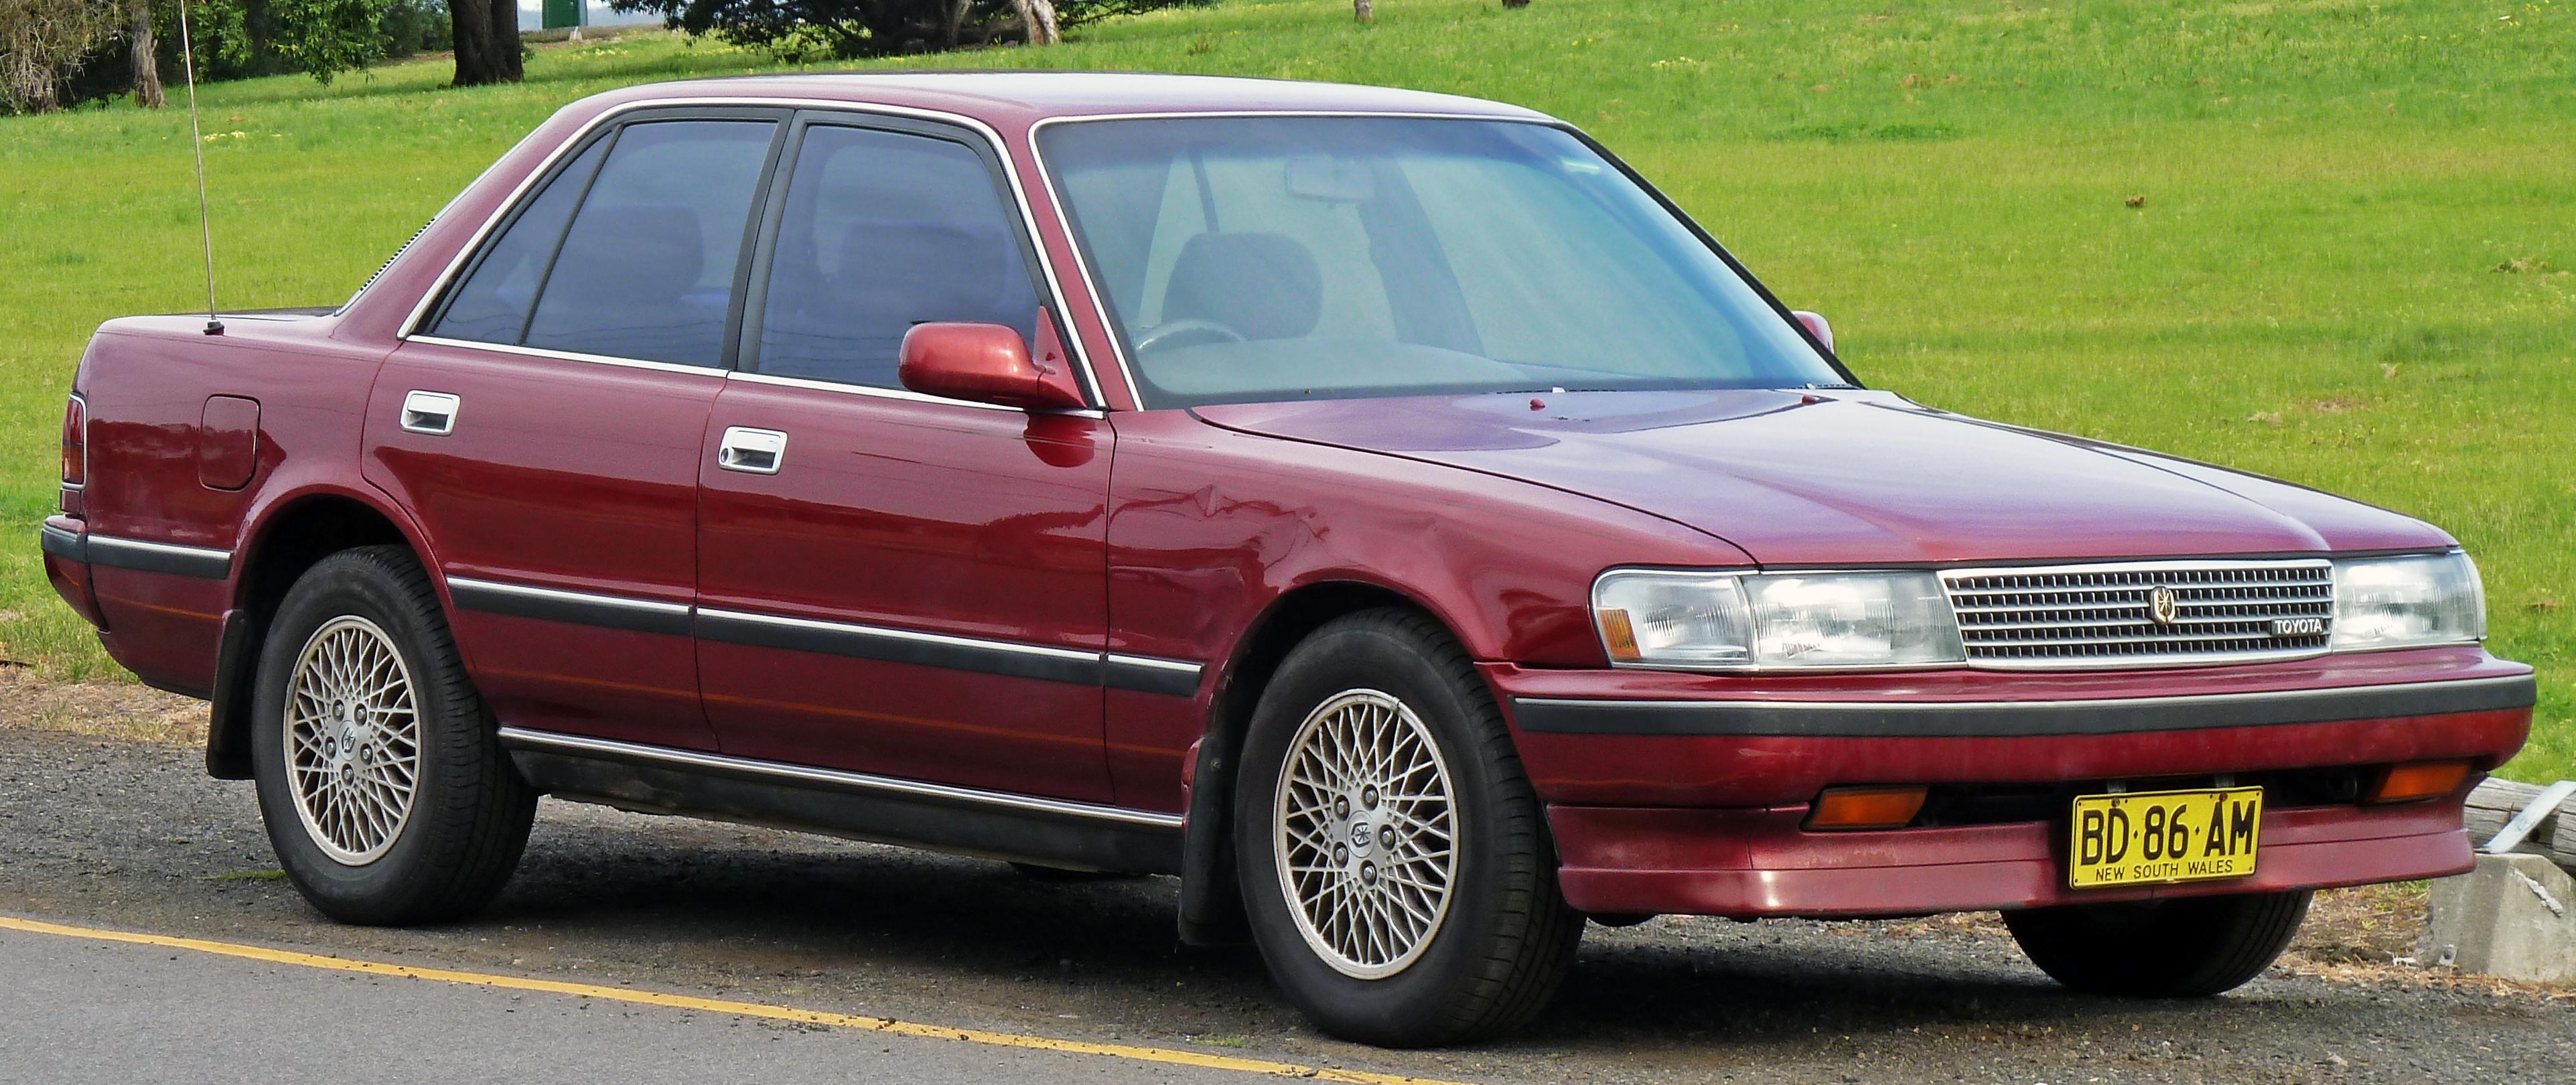 Toyota Chaser IV (X80) 1988 - 1992 Sedan #1